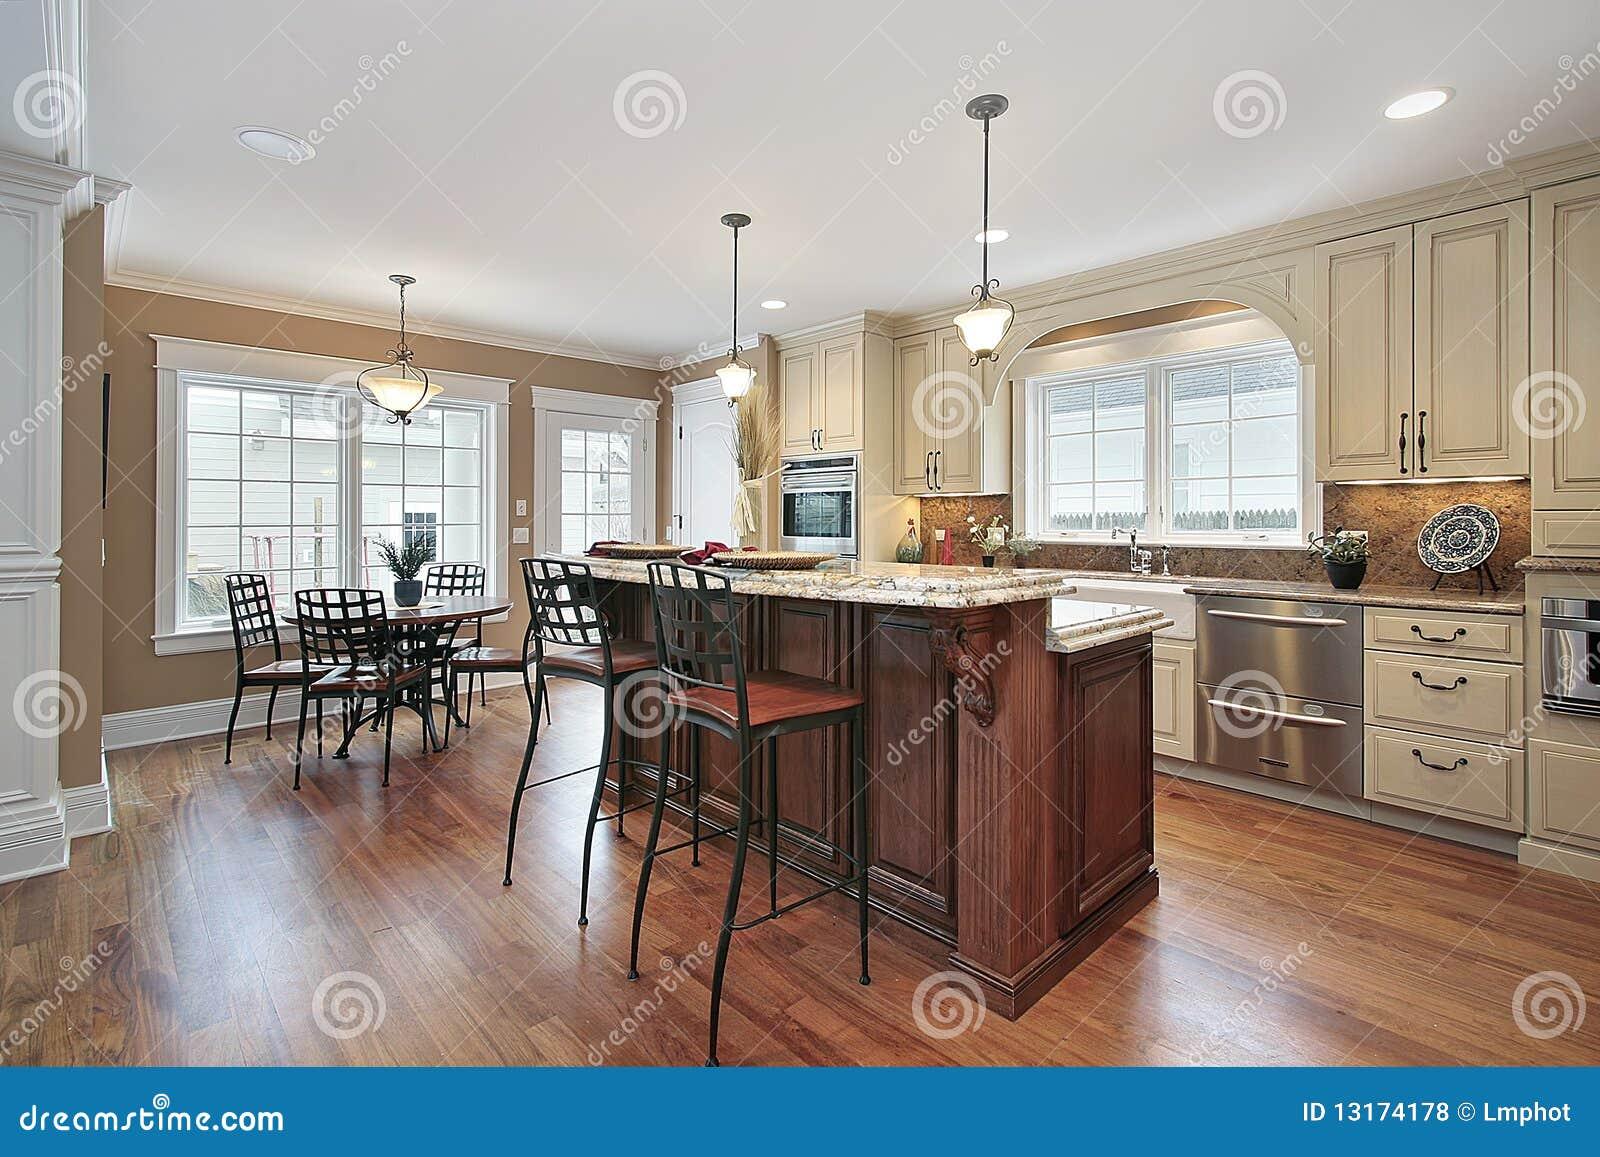 Küche Mit Abgestufter Insel Zwei Stockfoto - Bild von möbel, speisen ...